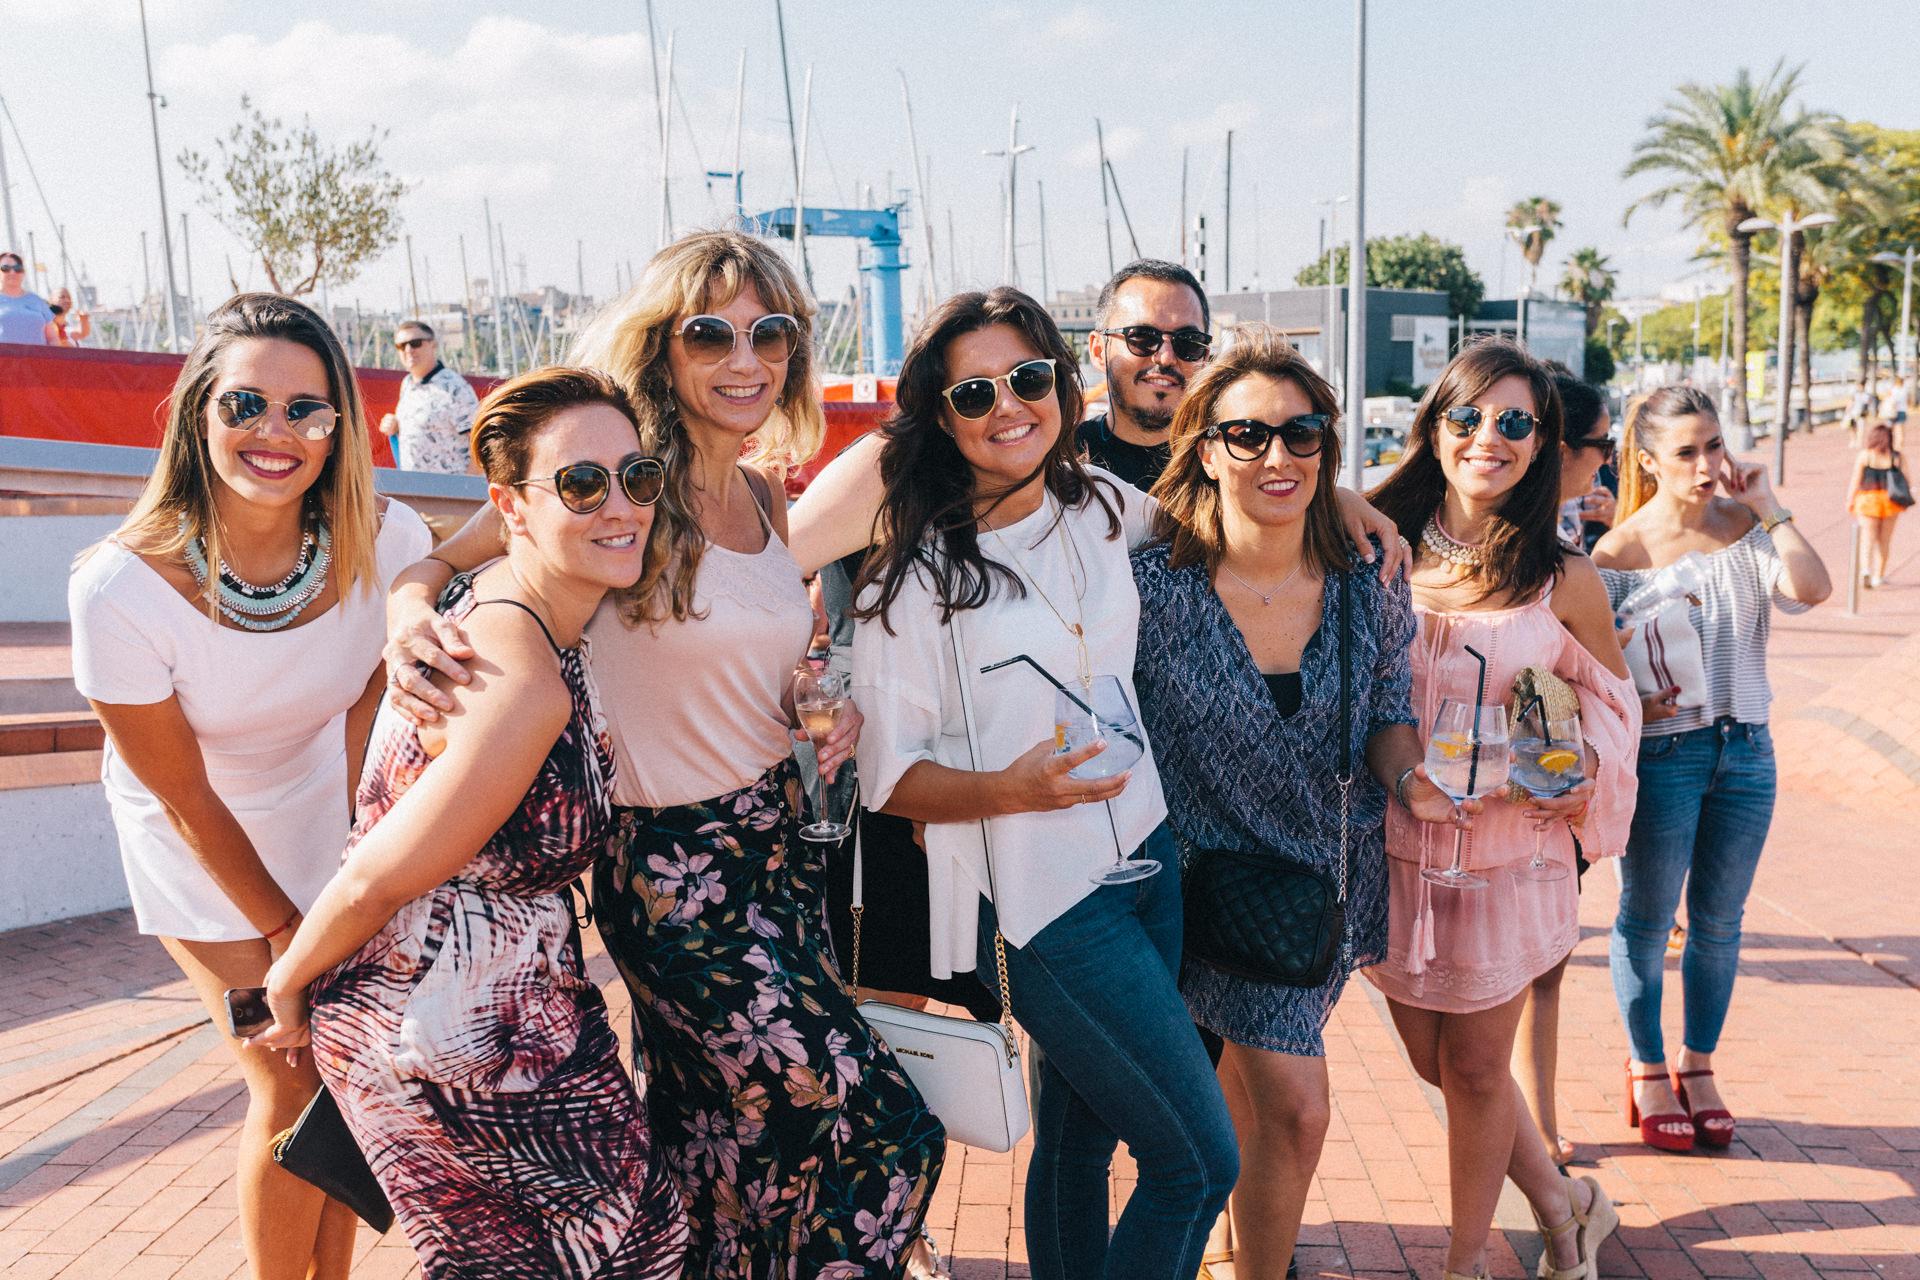 Grupo de invitados a la gran fiesta de final de los eventos del Sunglass Hut Pop Up en donde la música estuvo a cargo del DJ Wally López